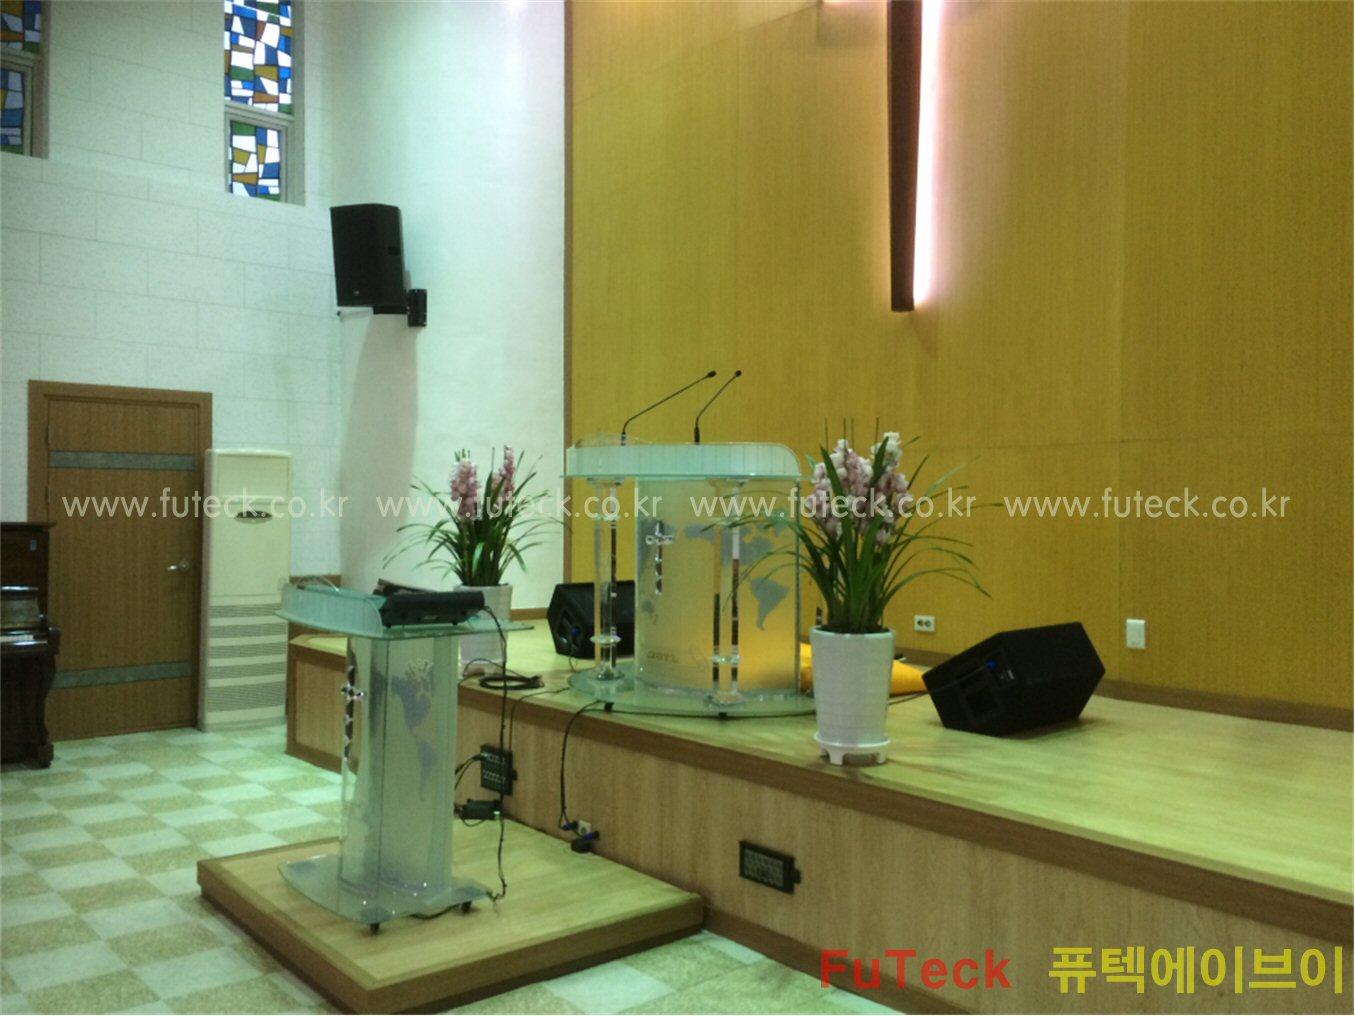 [15109-1218] 이삭교회 - 음향영상 03.jpg